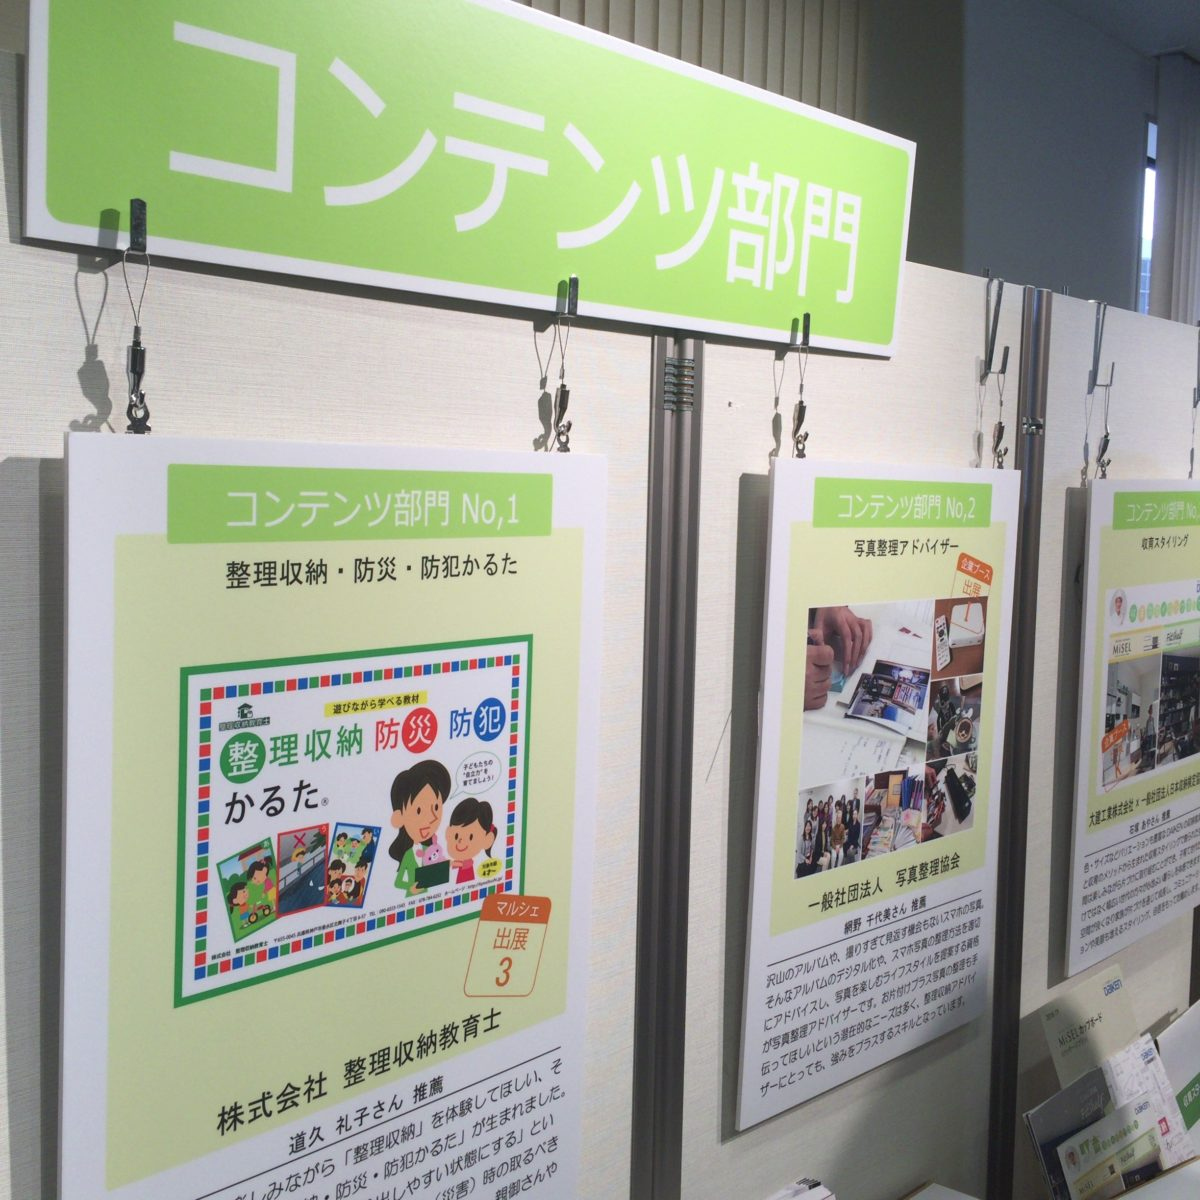 シンプルスタイル大賞2018 コンテンツ部門